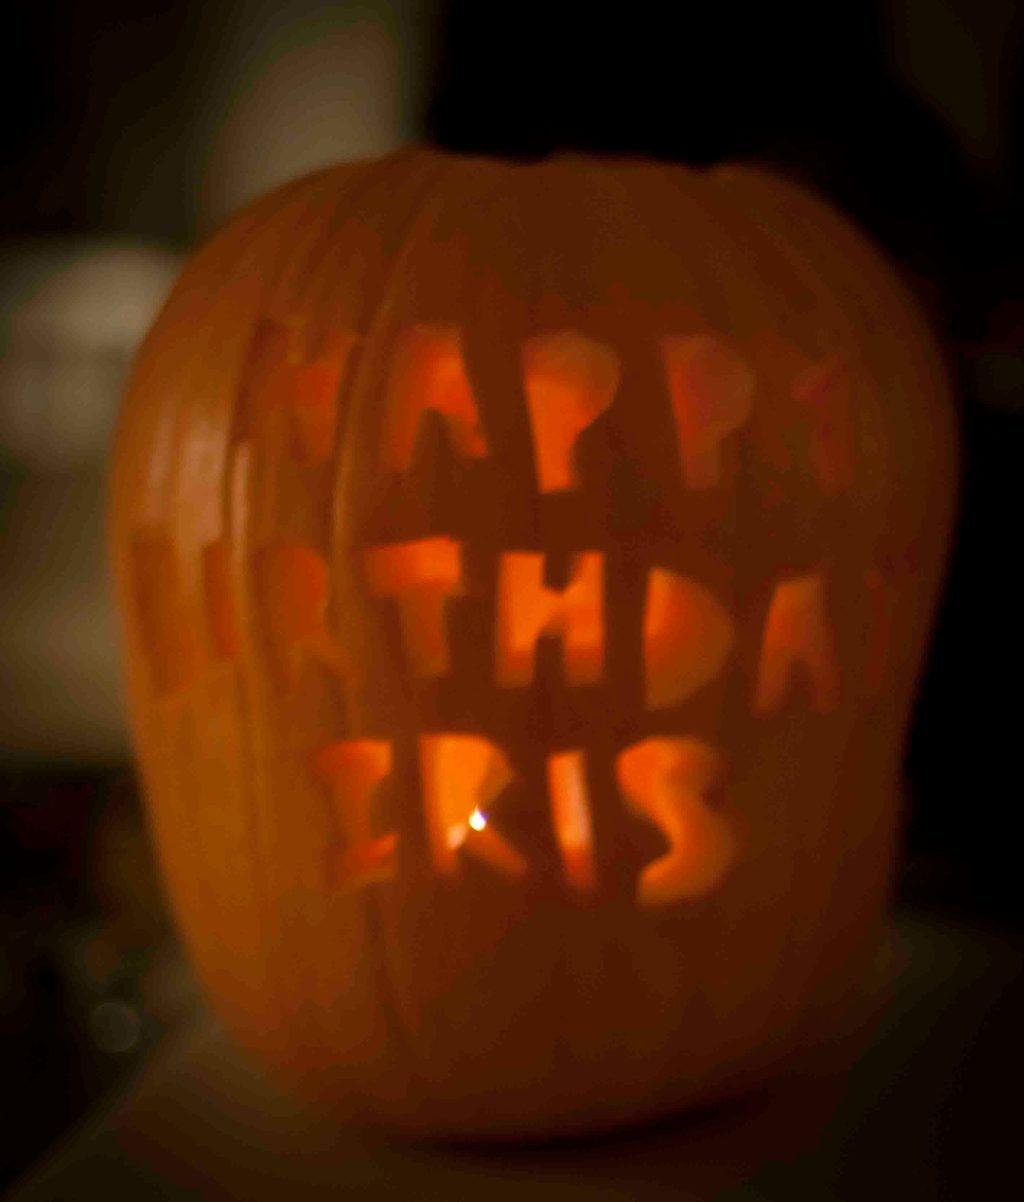 Ally carves a mean pumpkin